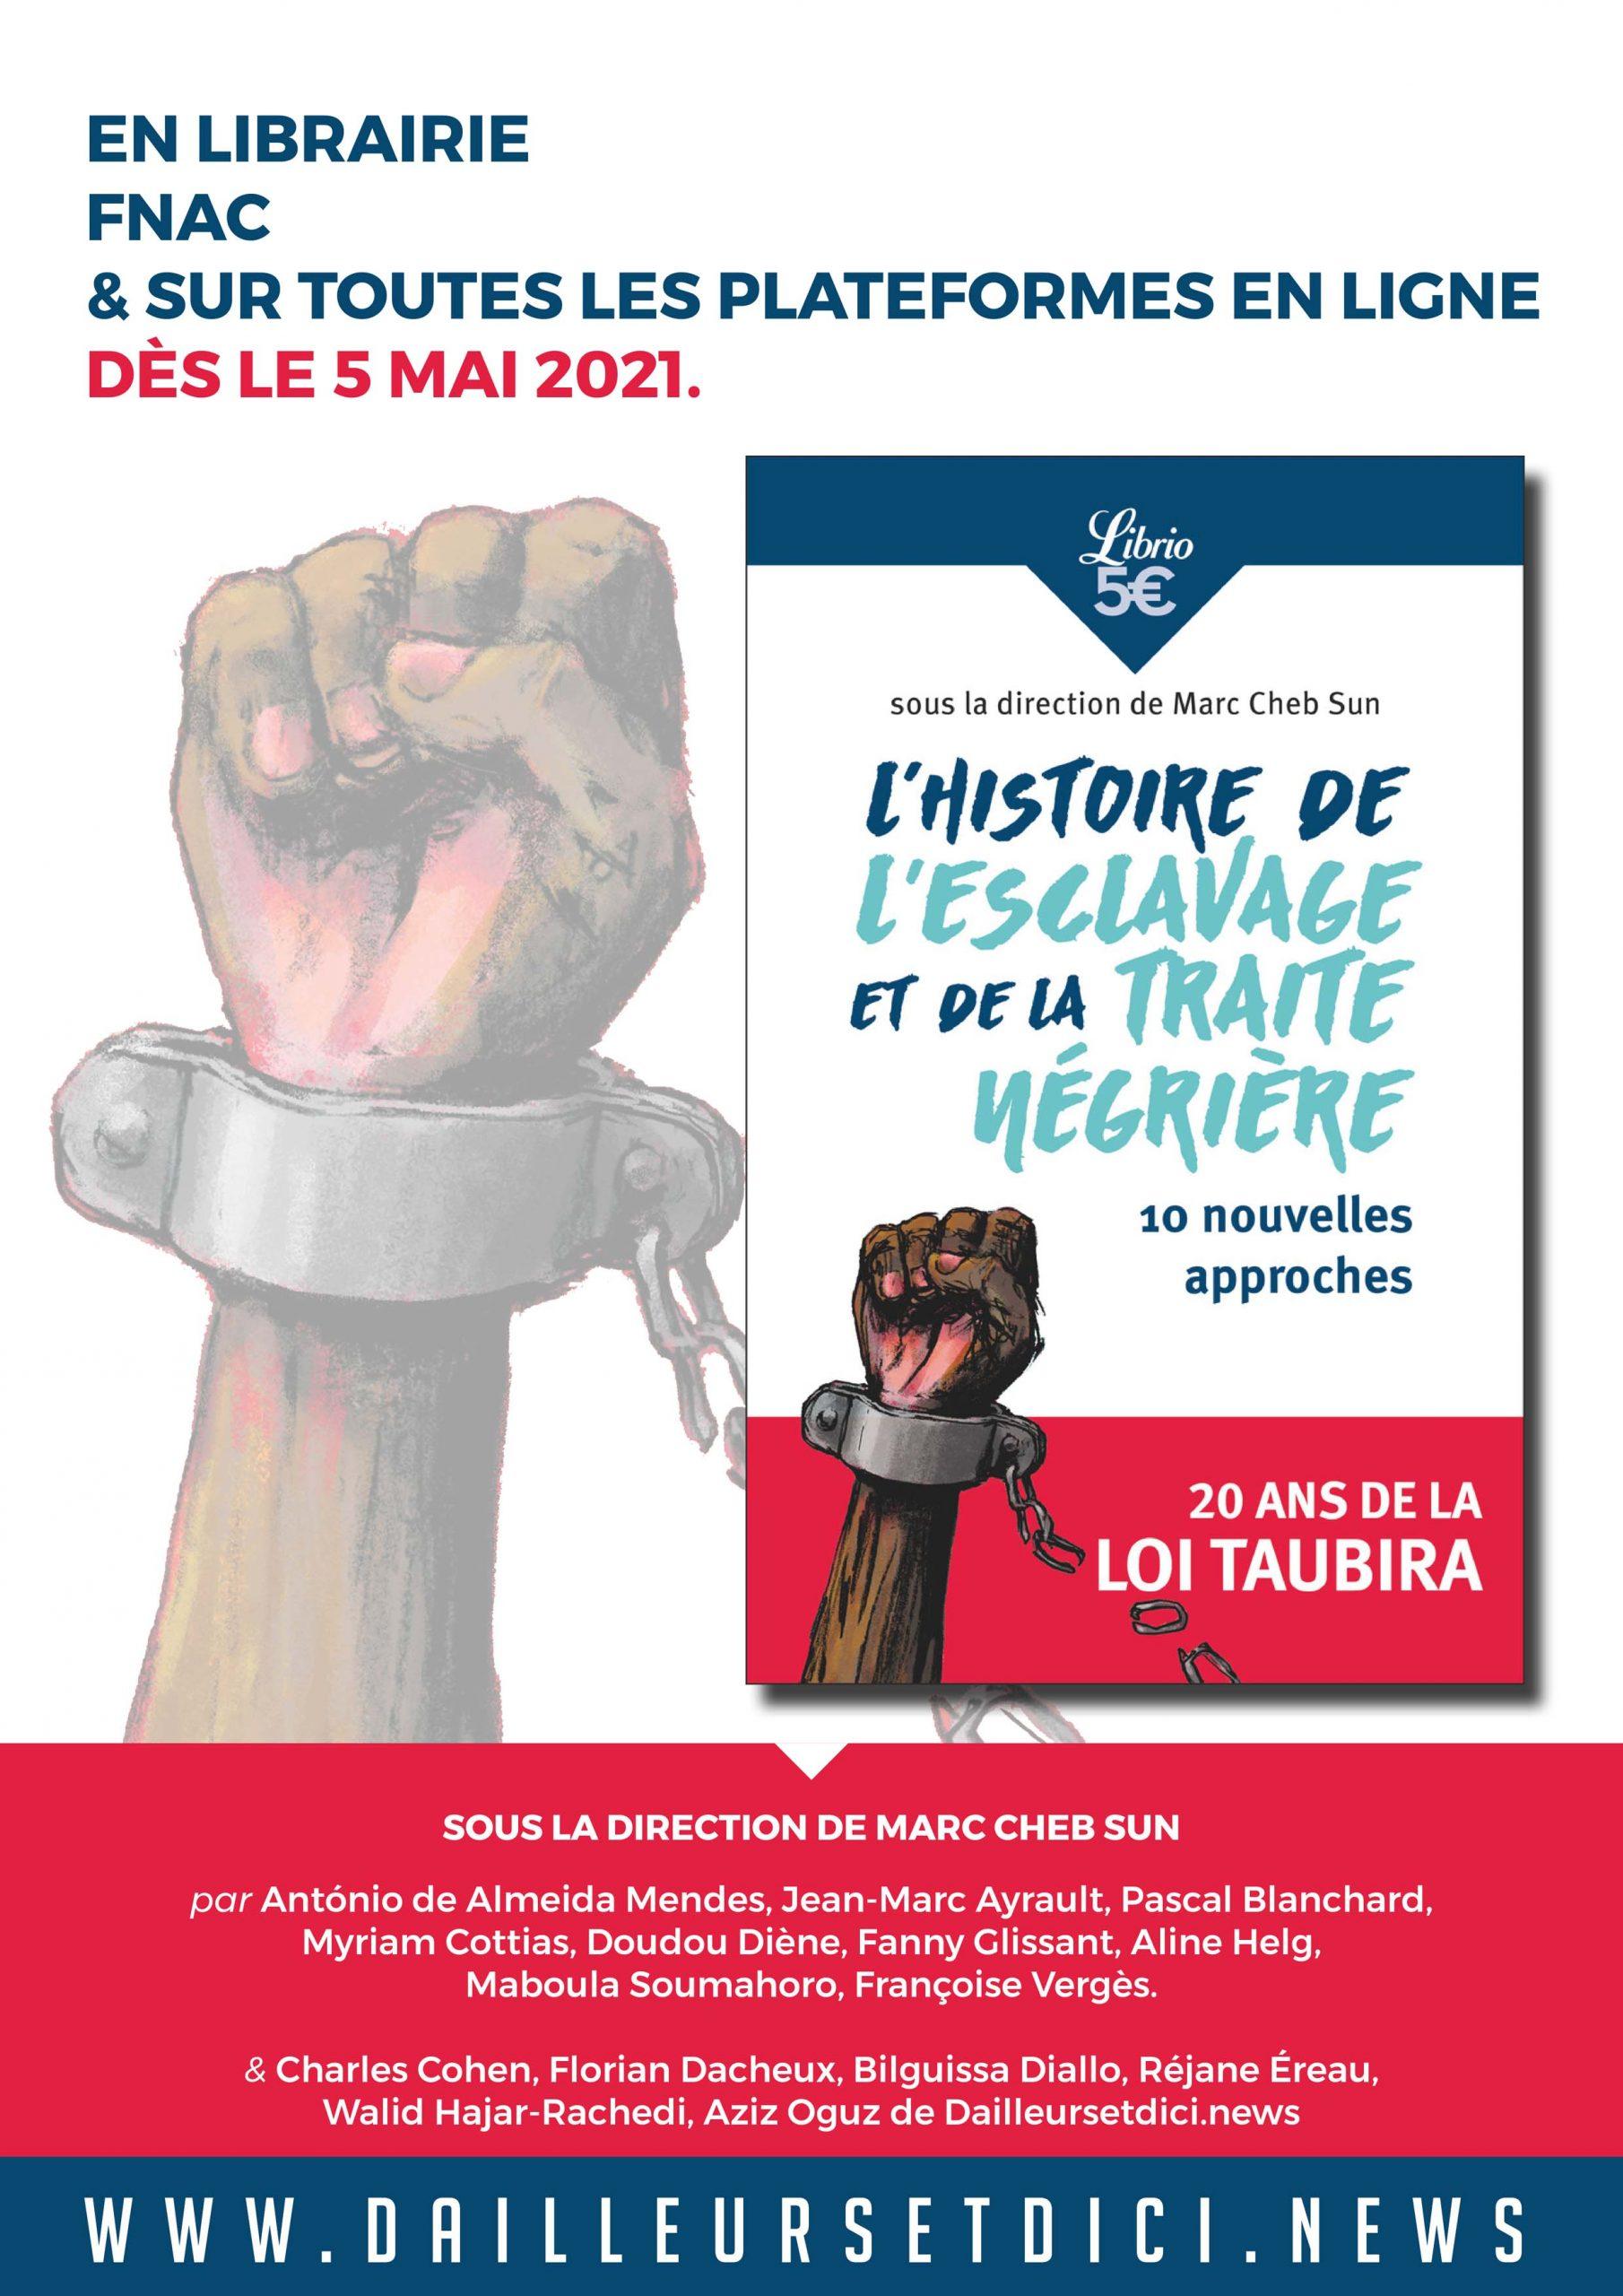 Notre livre sur l'histoire de l'esclavage et de la traite